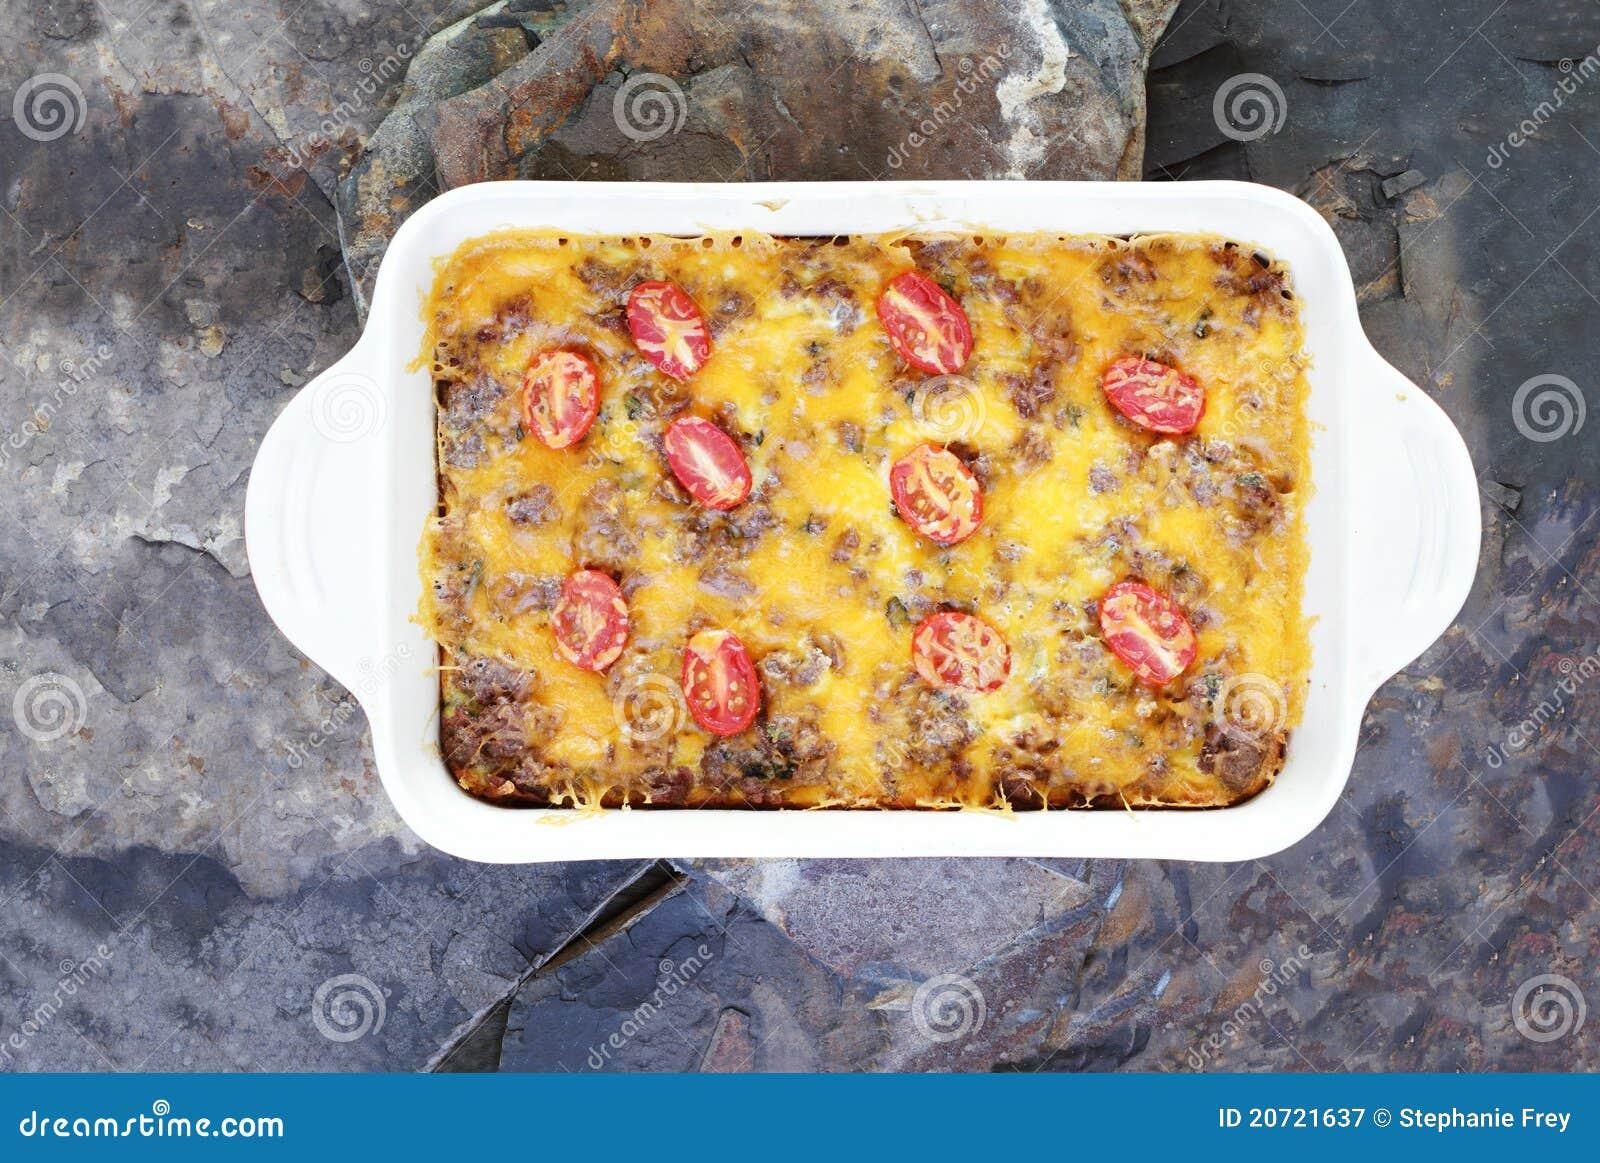 Estratos de la papita frita o cazuela del desayuno